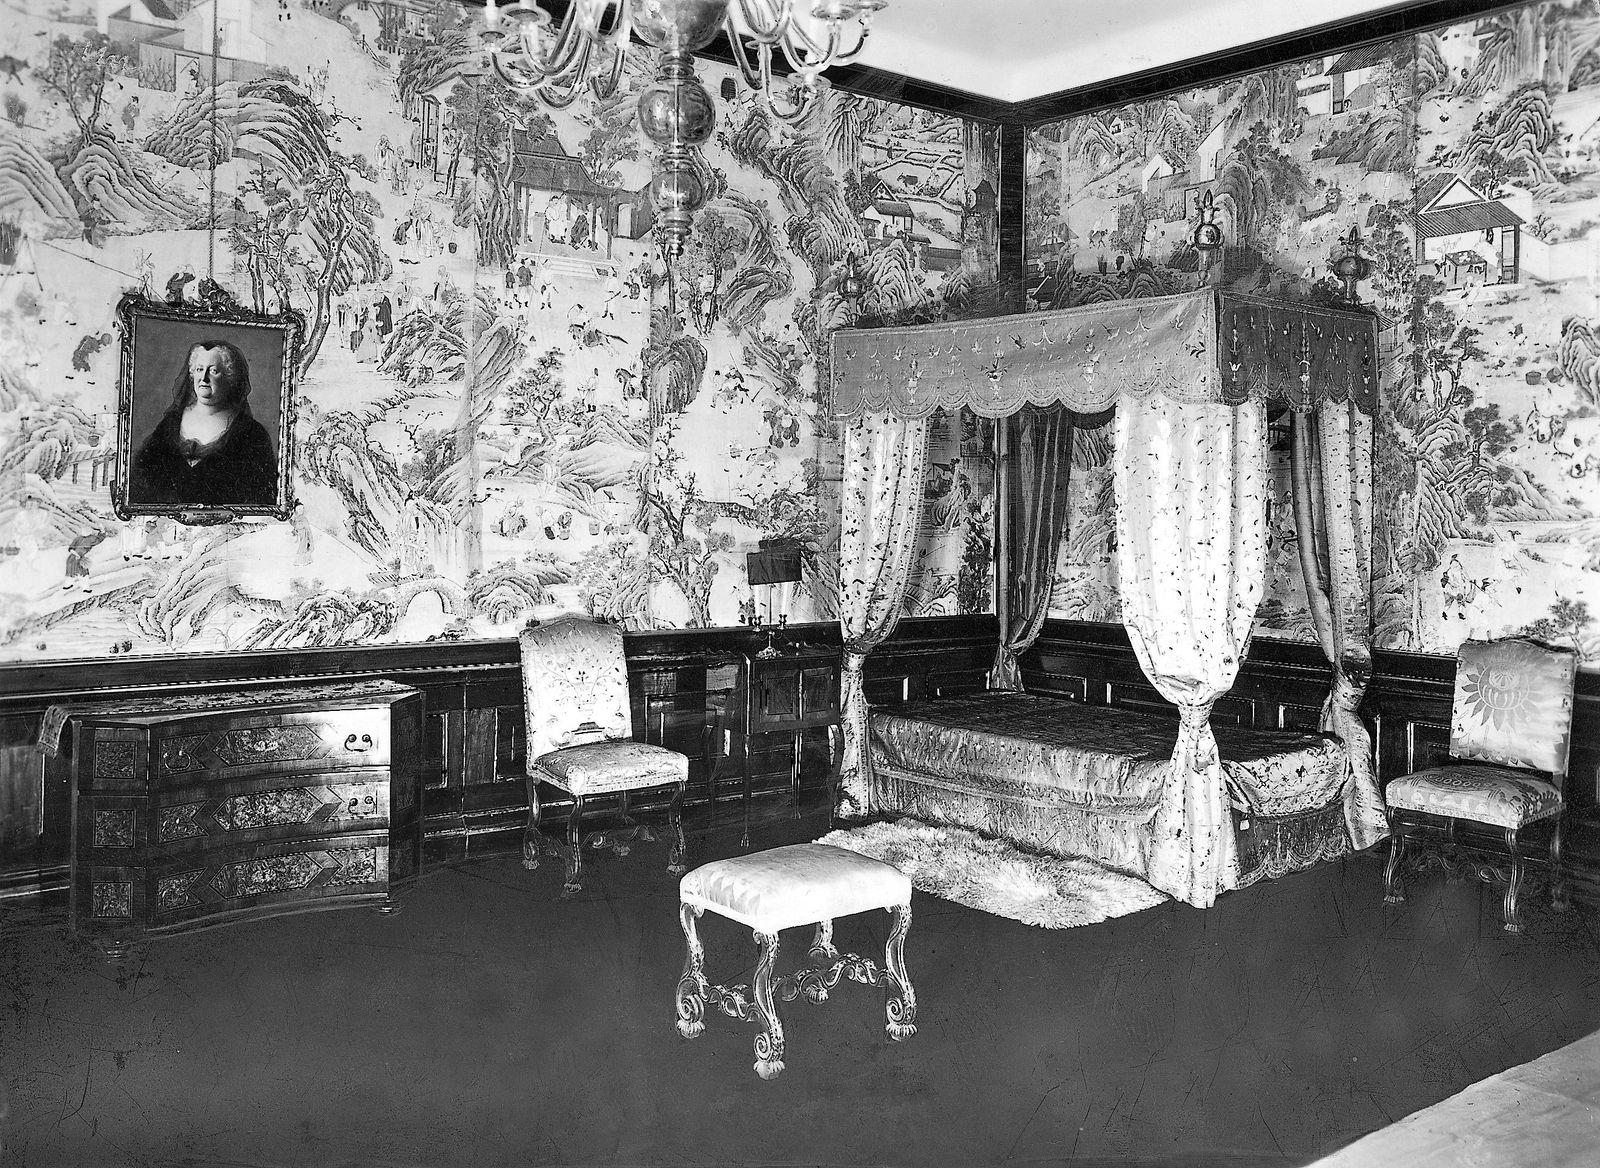 Bett der Kaiserin Maria Theresia in der Wiener Hofburg, 1930